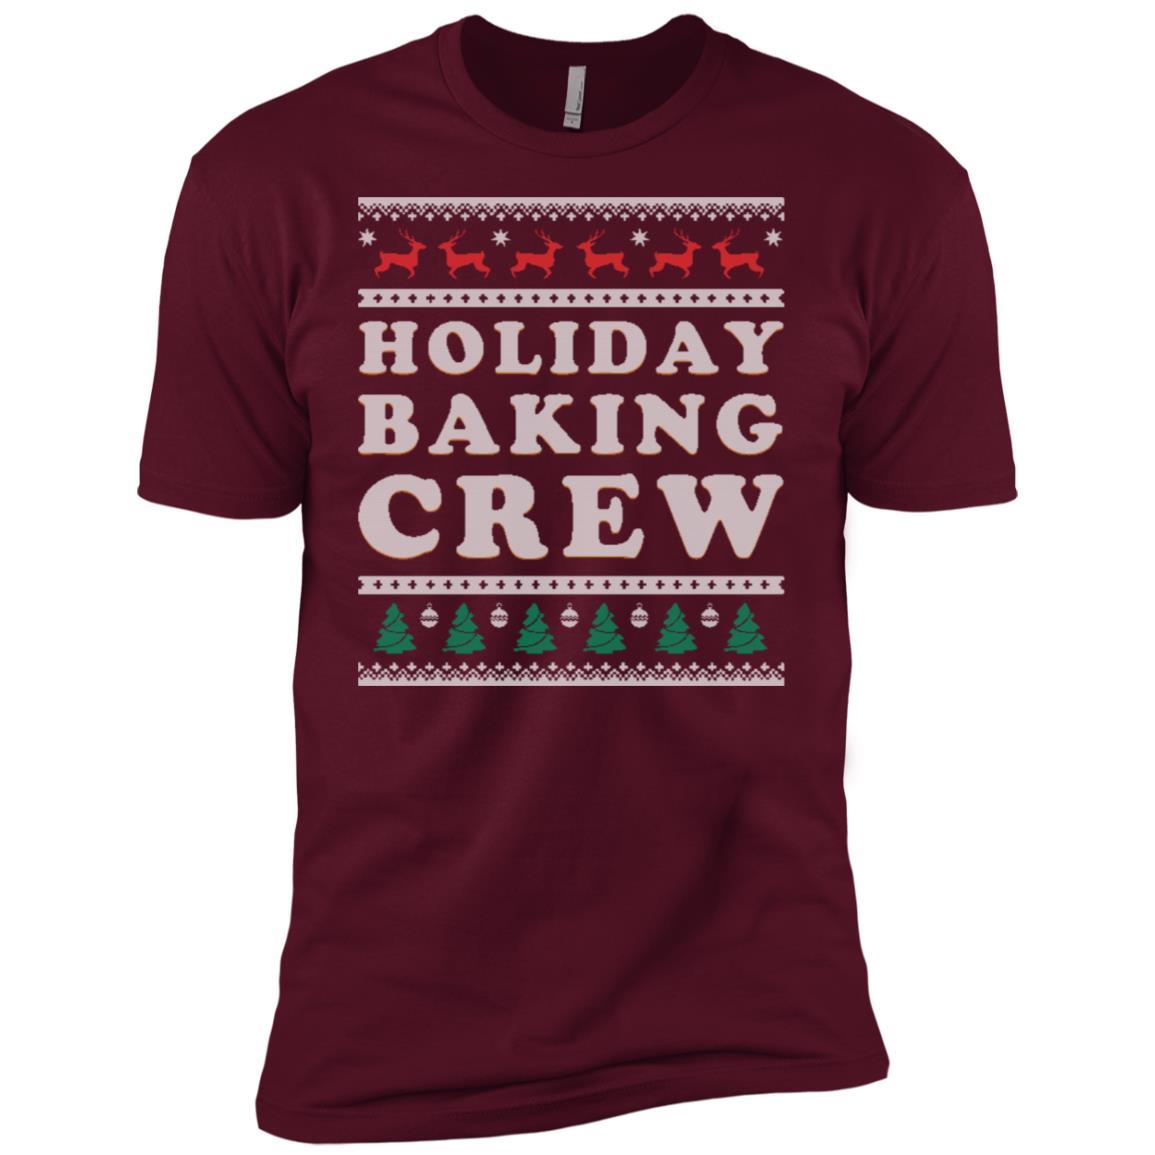 Baking Crew Ugly Christmas Gift For Baker Men Short Sleeve T-Shirt